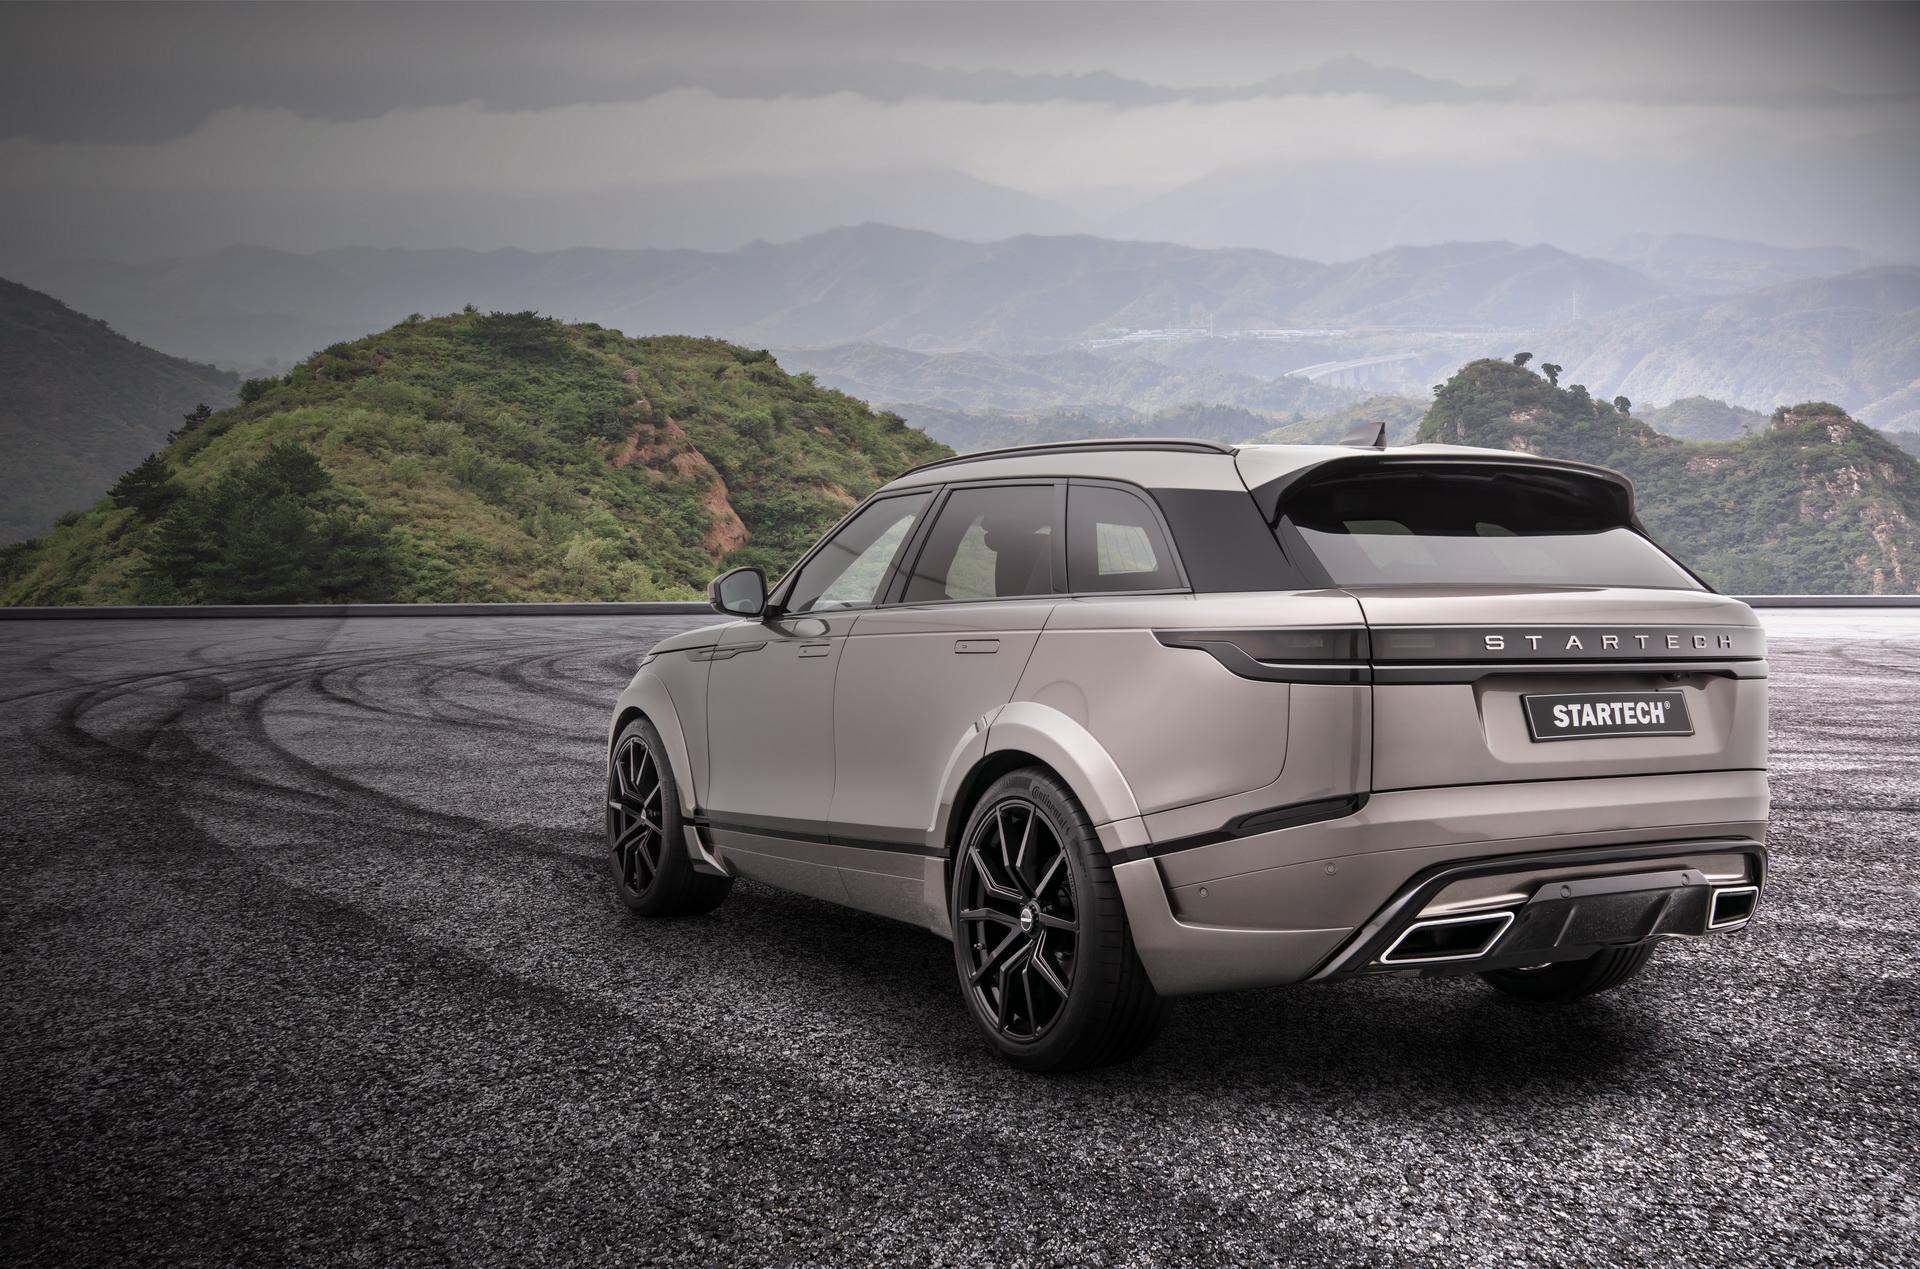 Range_Rover_Velar_Startech_0000